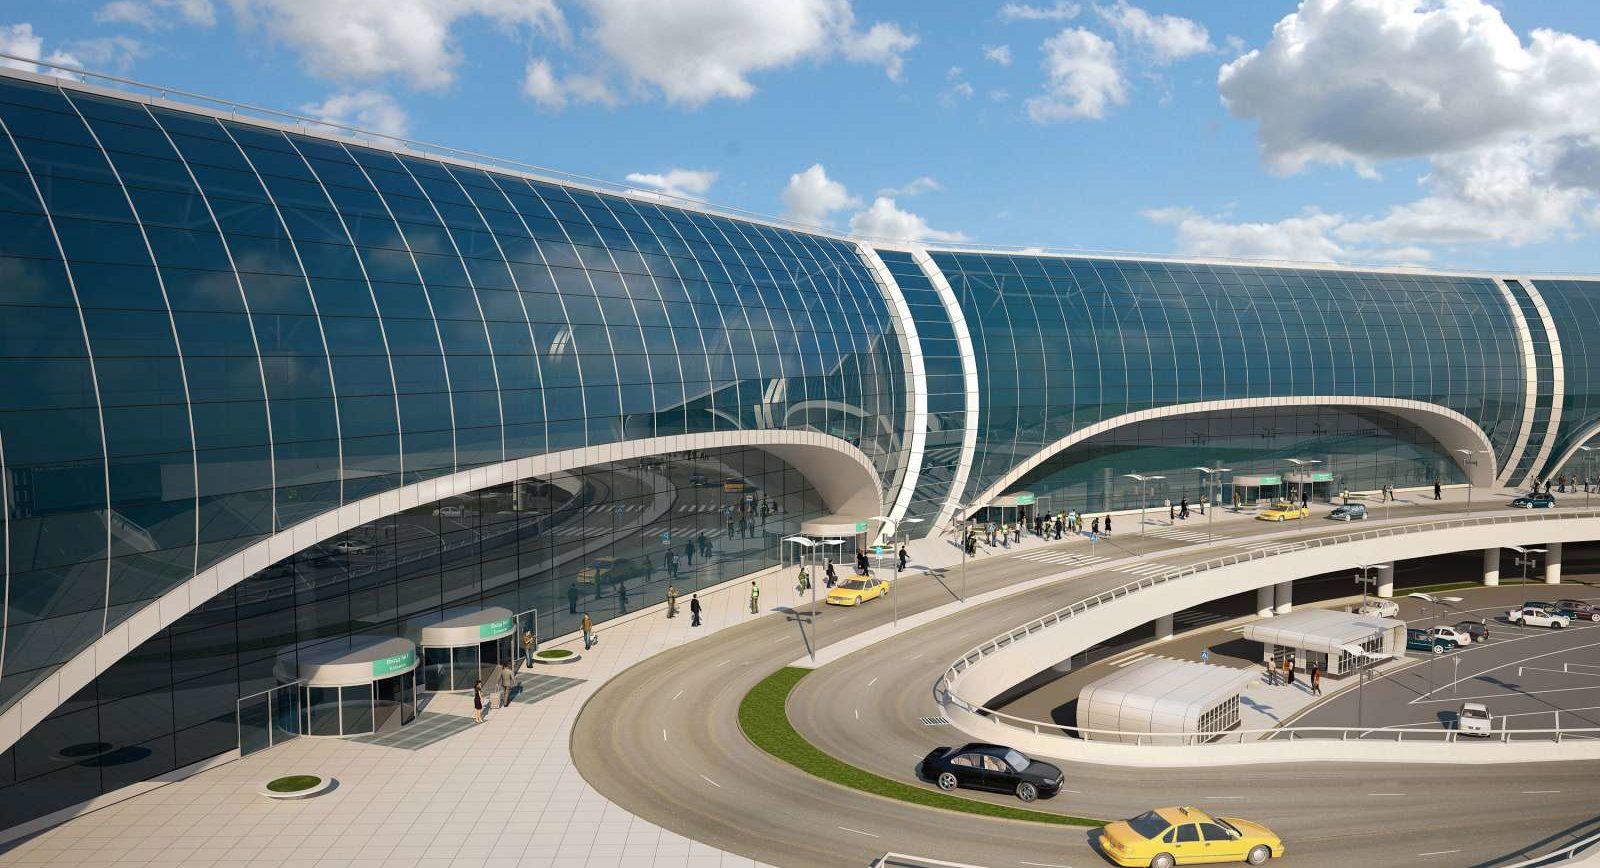 Преимущества автопарковок недалеко от аэропортов